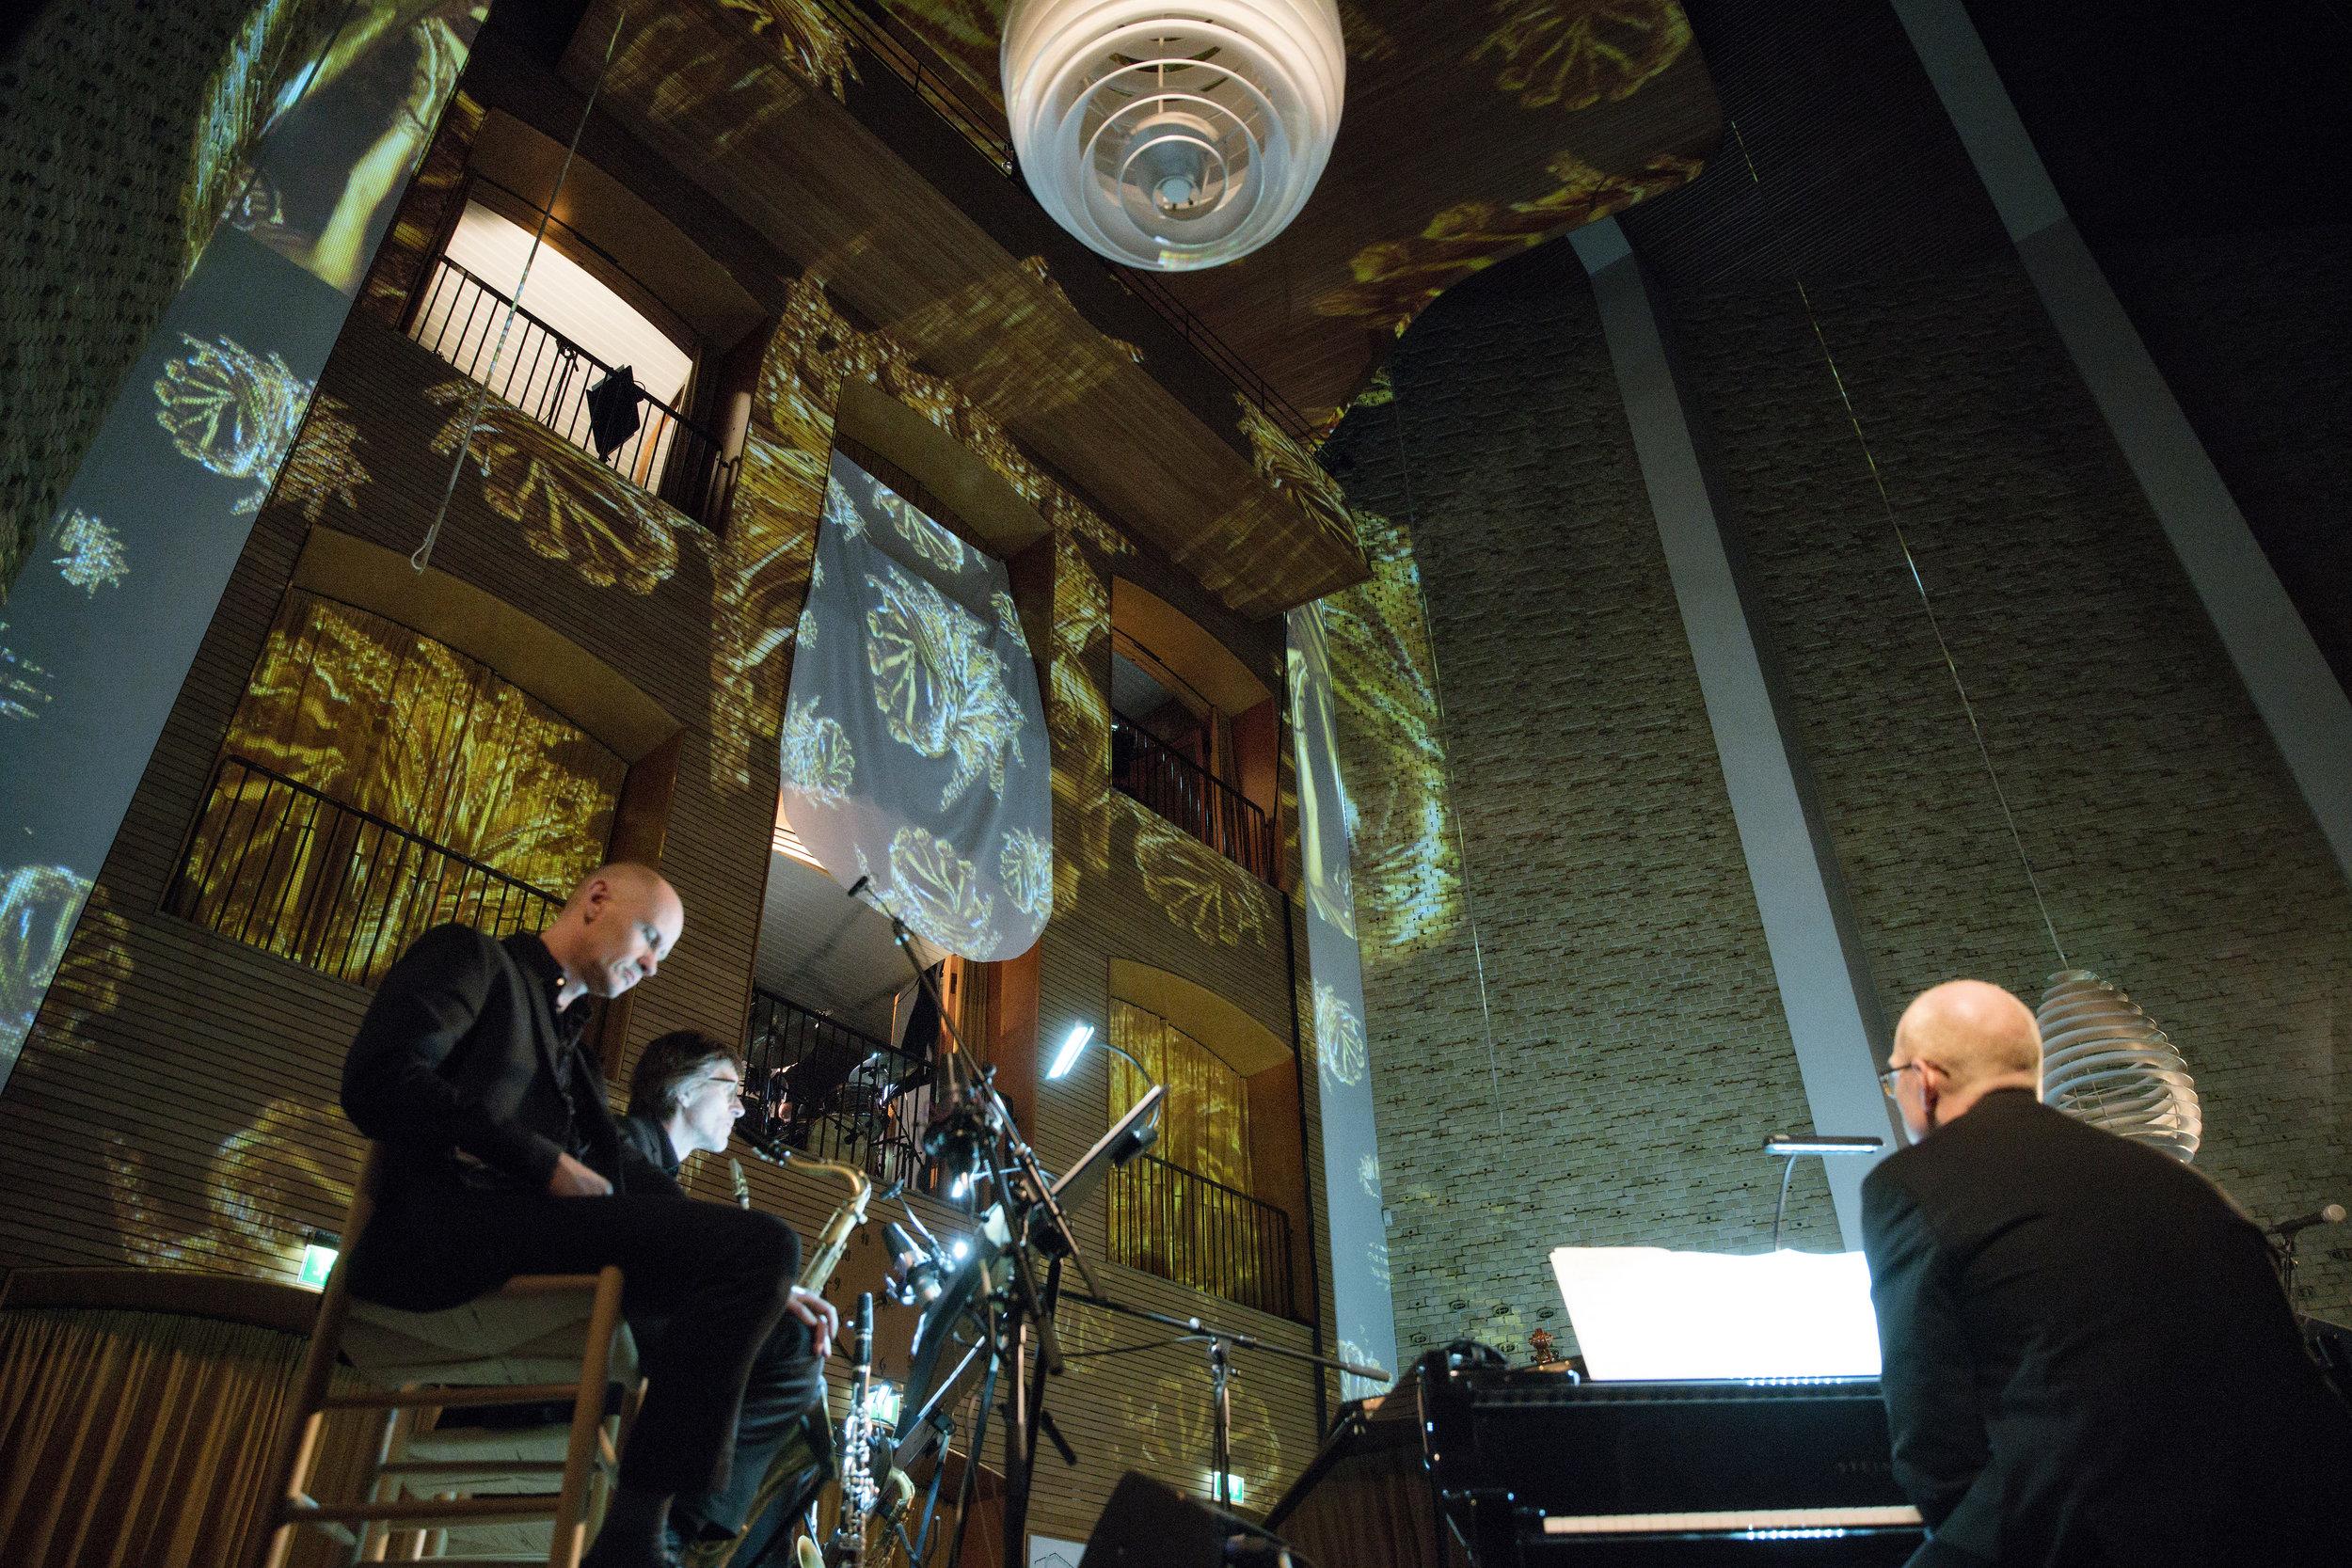 DANSE MACABRE, ÅRHUNDREDETS FESTIVAL 2018  Aarhus Jazz Orchestra feat. Signe Bisgaard, Bjørn Svin, Laura Rathschau, Ida Nørholm & Søren Hein Rasmussen  Marts 2018